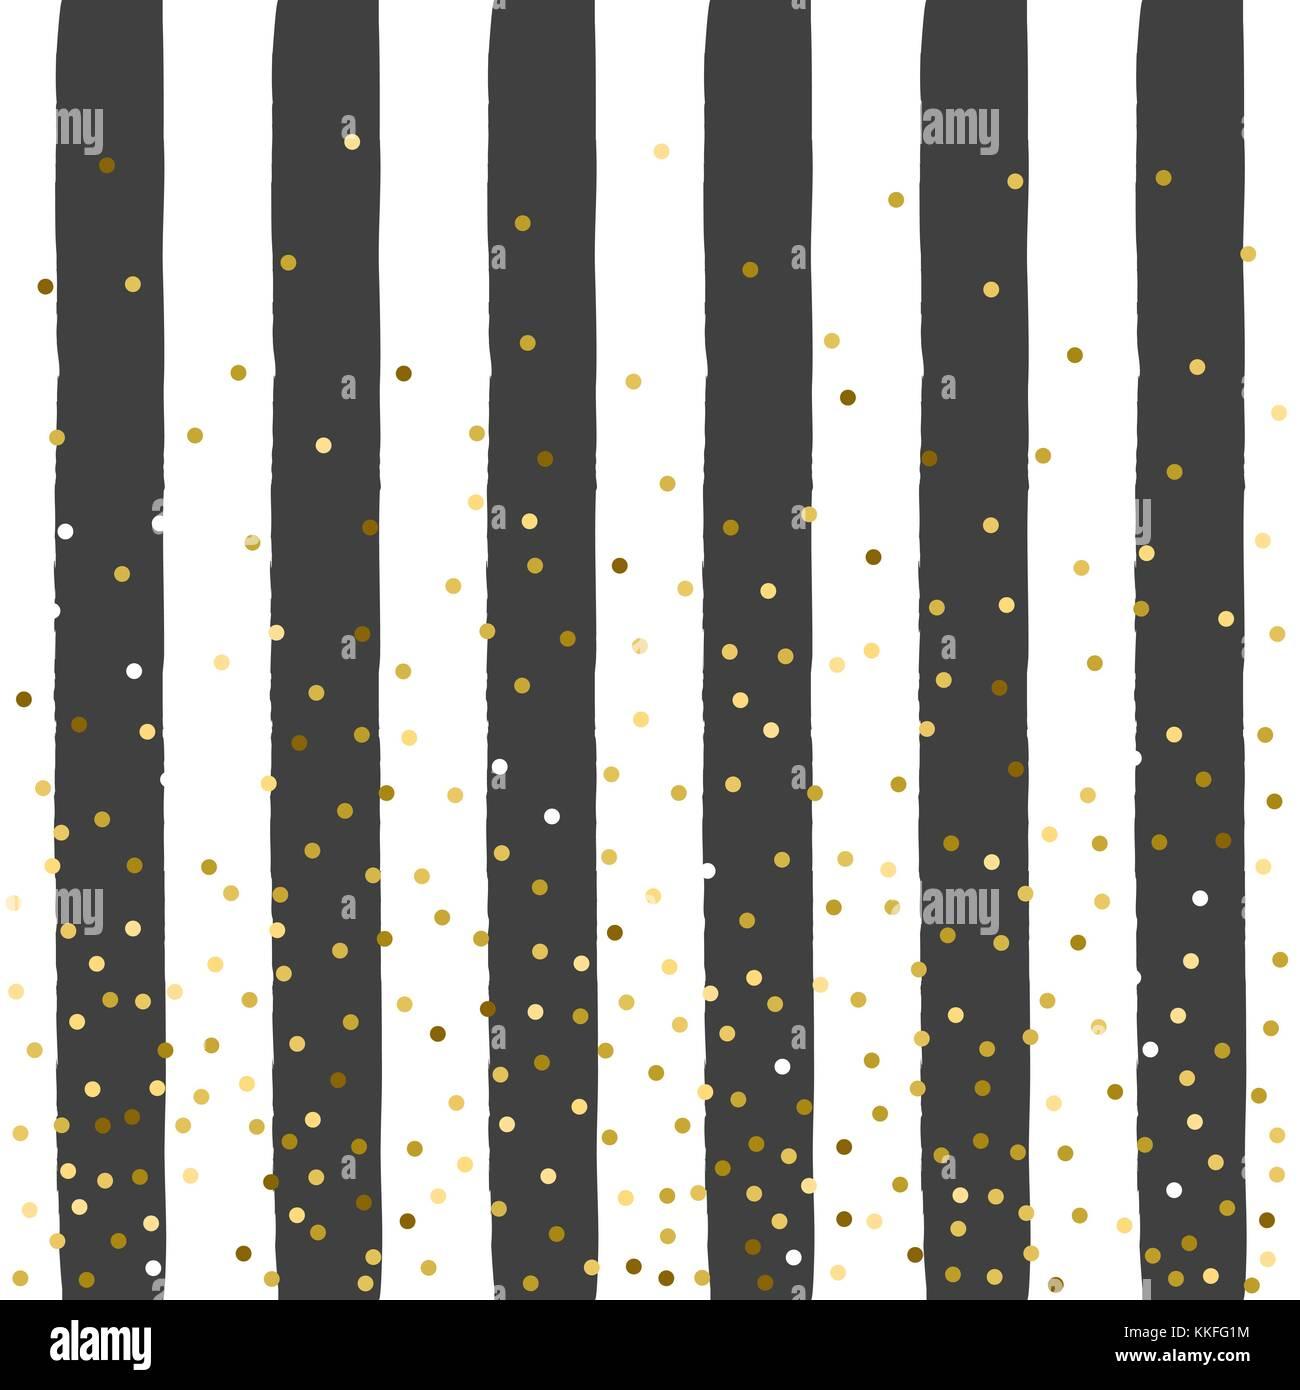 Sfondo Dorato Illustrazione Vettoriale Oro Glitter Confetti